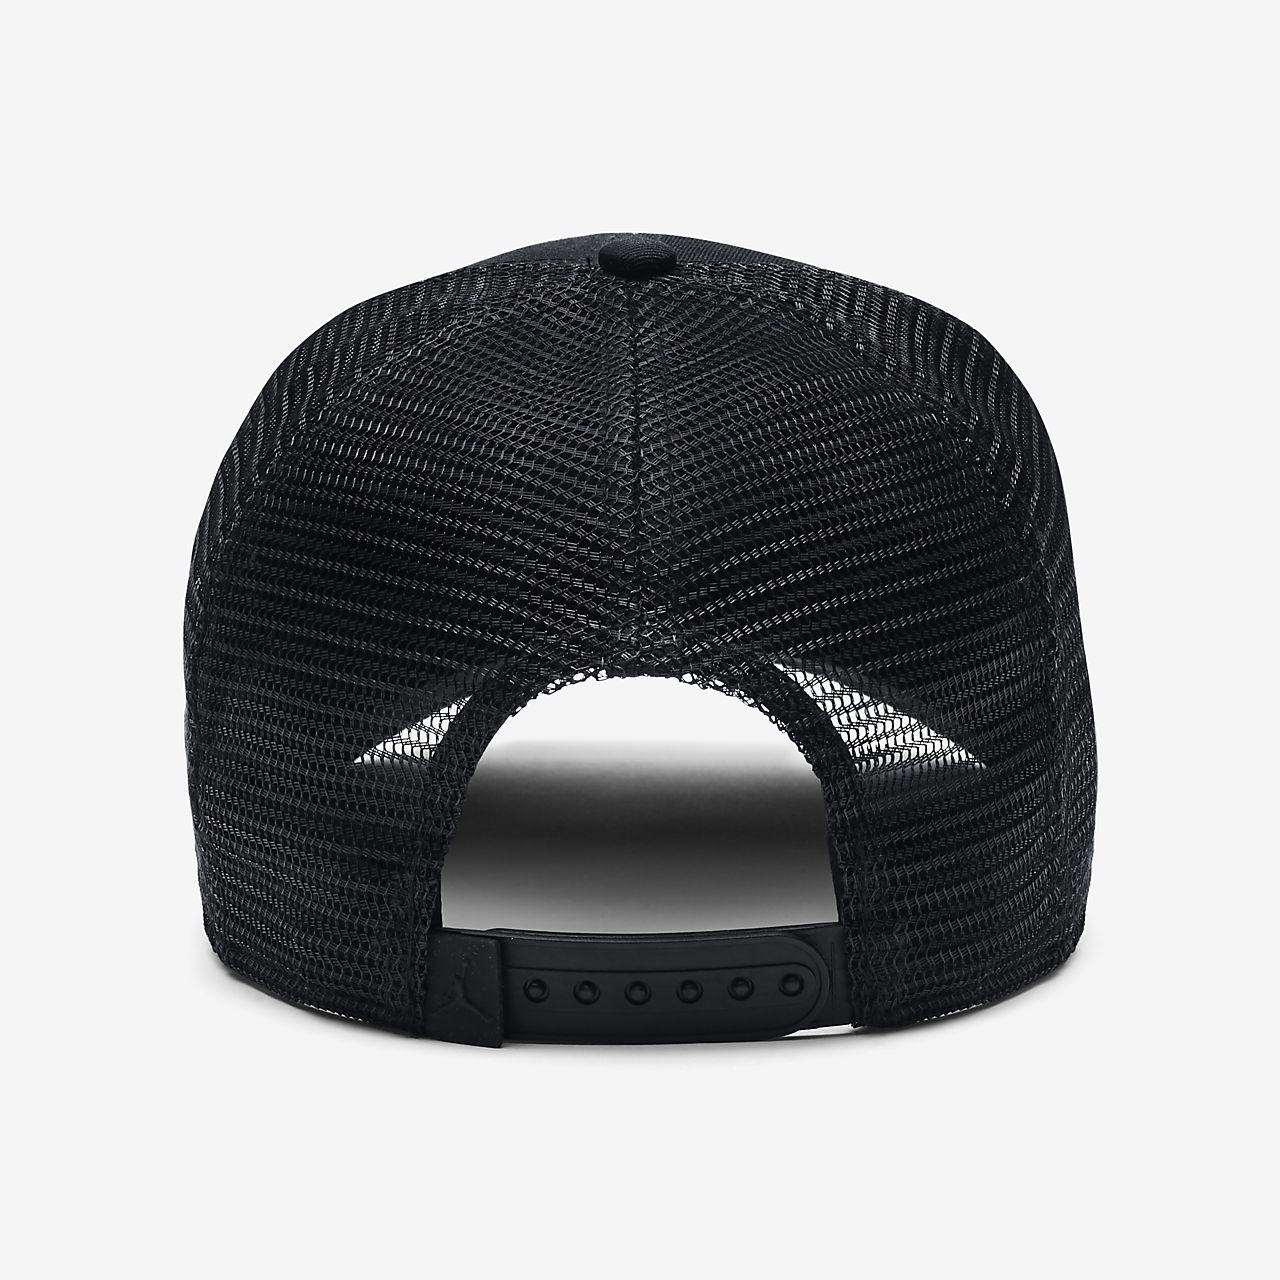 a02b24ca09fb7 Jordan Jumpman Classic99 Trucker Adjustable Hat. Nike.com